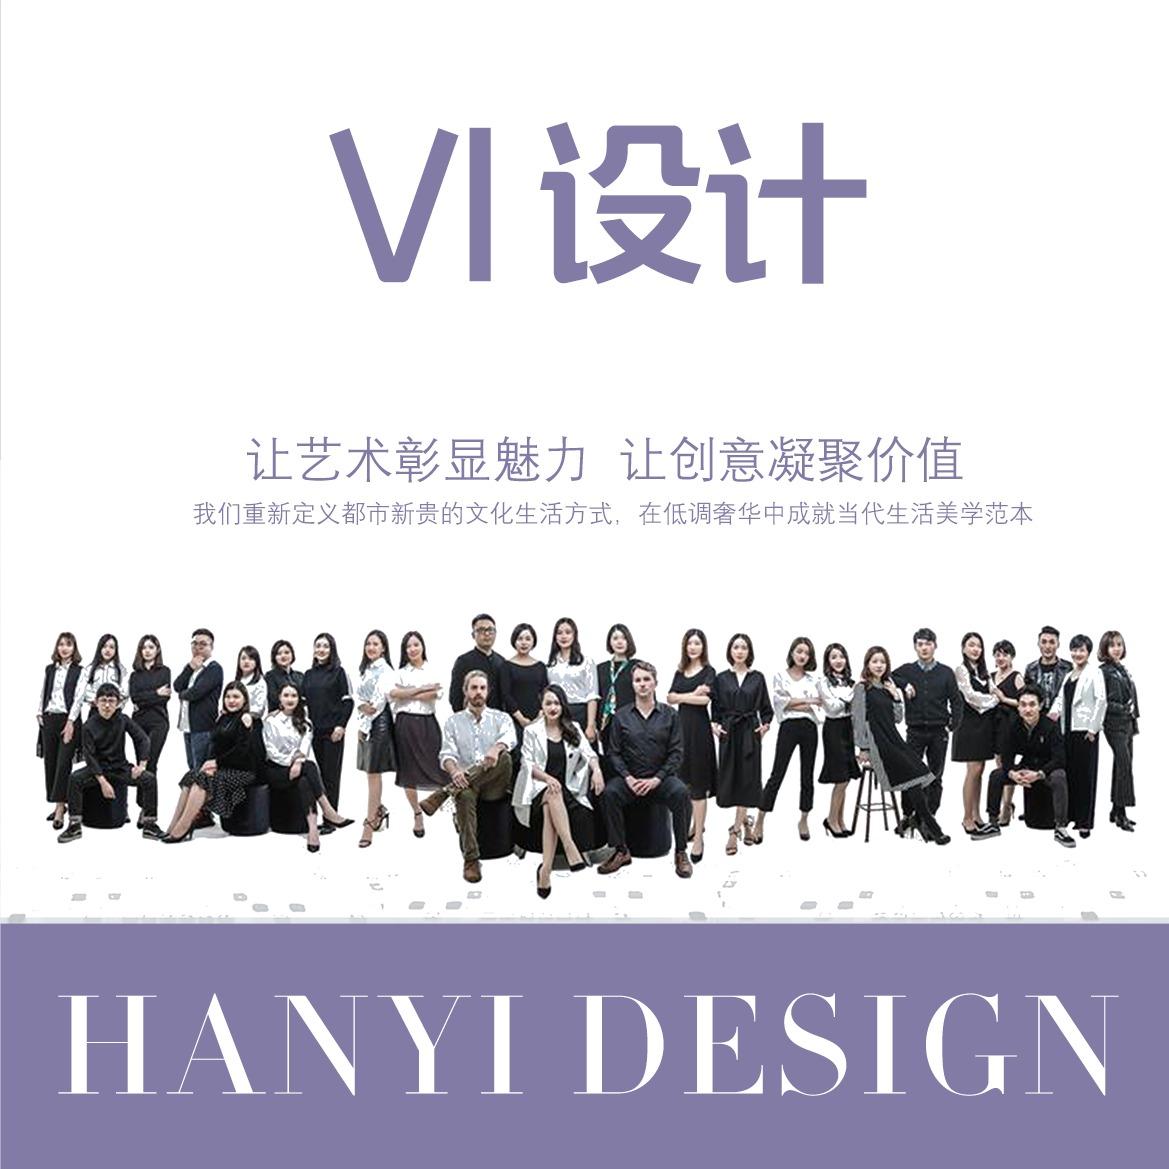 【品牌设计】VIS|视觉识别系统|企业门店形象画册|VI设计